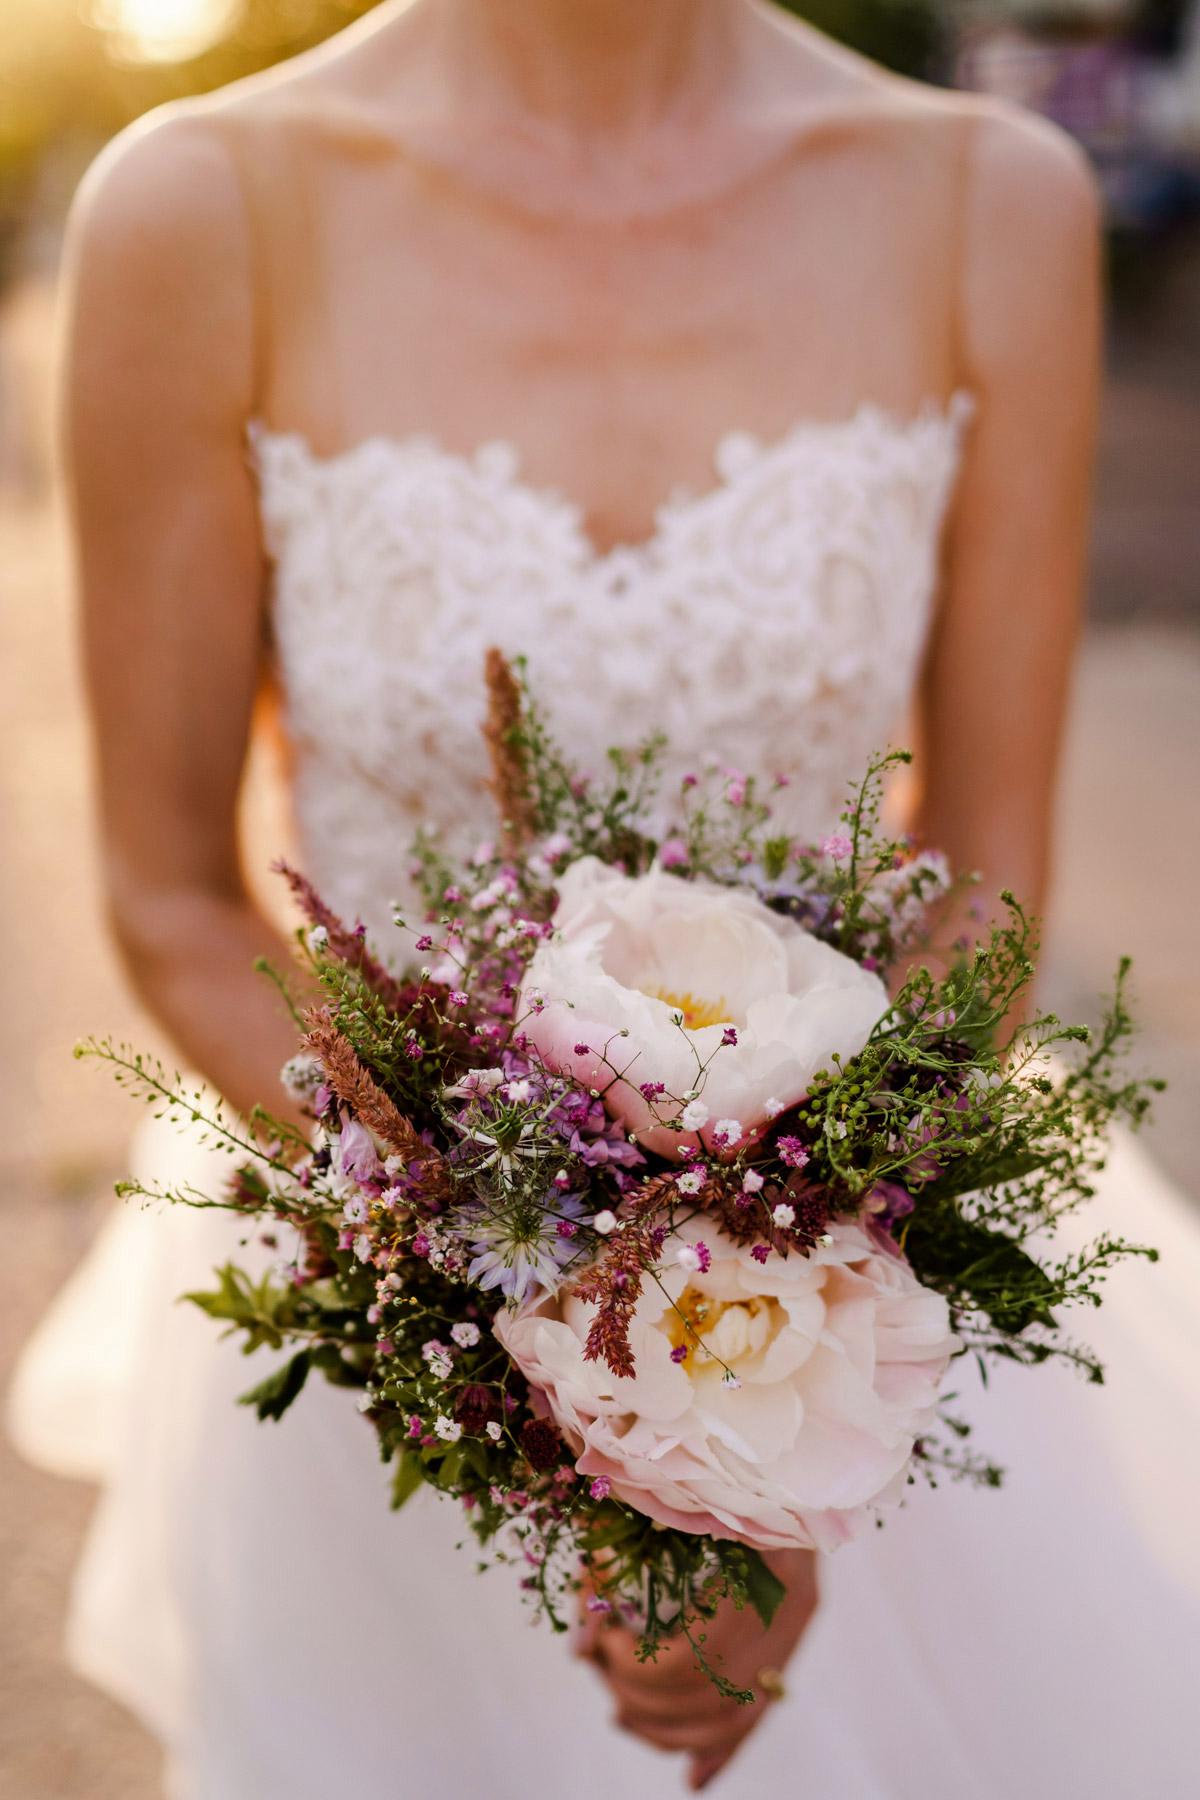 Pfingstrosen zur Hochzeit: Perfekter Brautstrauß zum Standesamt - romantisch mit rosafarbenen Pfingstrosen und locker, modern durch Wildblumen in Rosa, Pink und Blau. #vintage #hochzeitsblumen #brautstrauß in runder Form auf vintage Hochzeit in Berlin - Hochzeitsfotos von #hochzeitslicht © www.hochzeitslicht.dein #bridalbouquet #weddingflowers #peonies